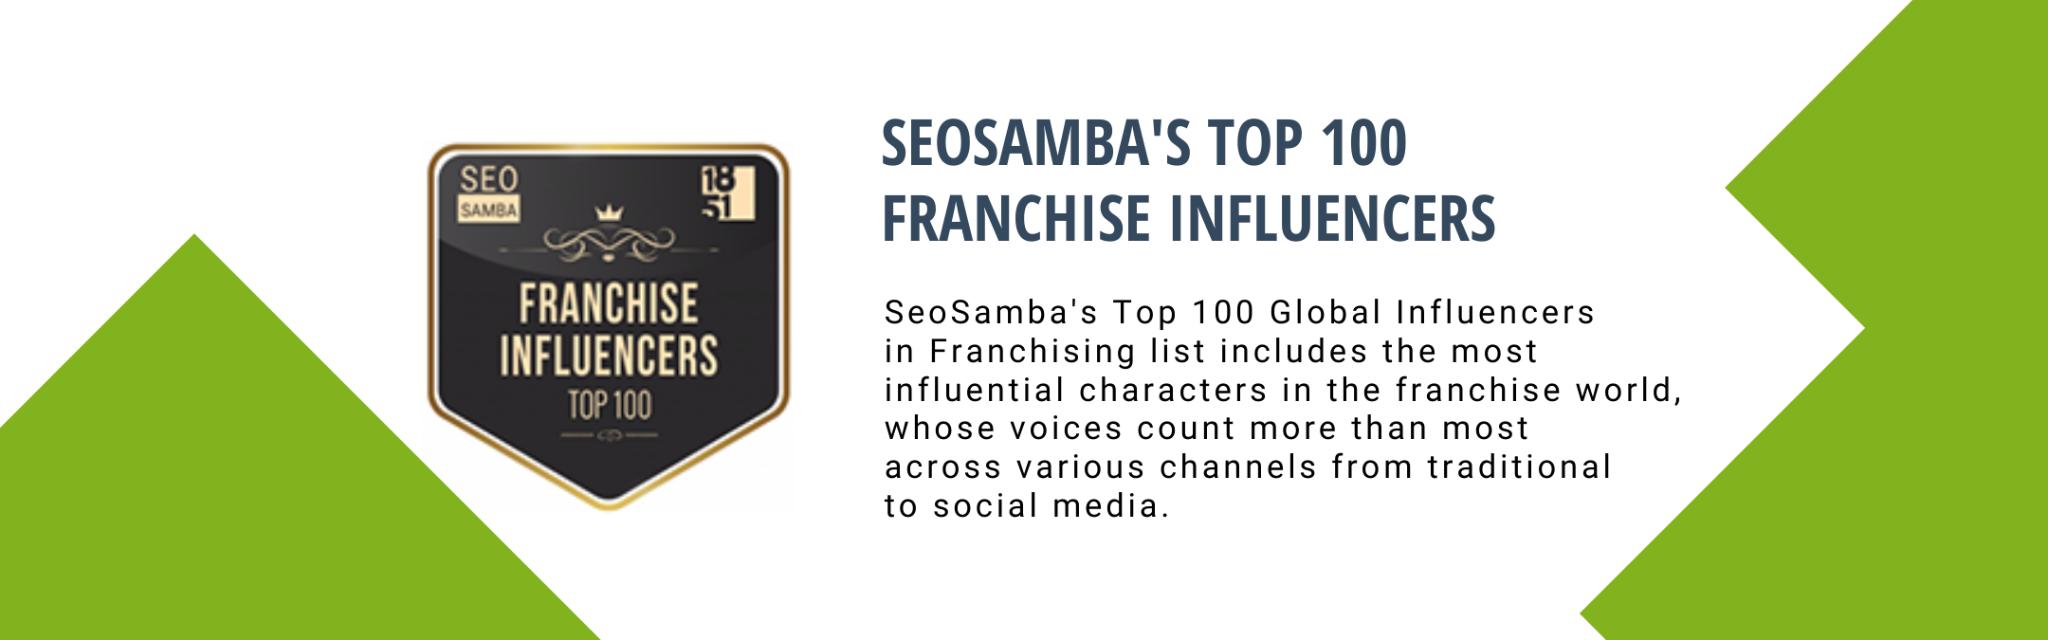 seosamba-slides-franchise-influencers